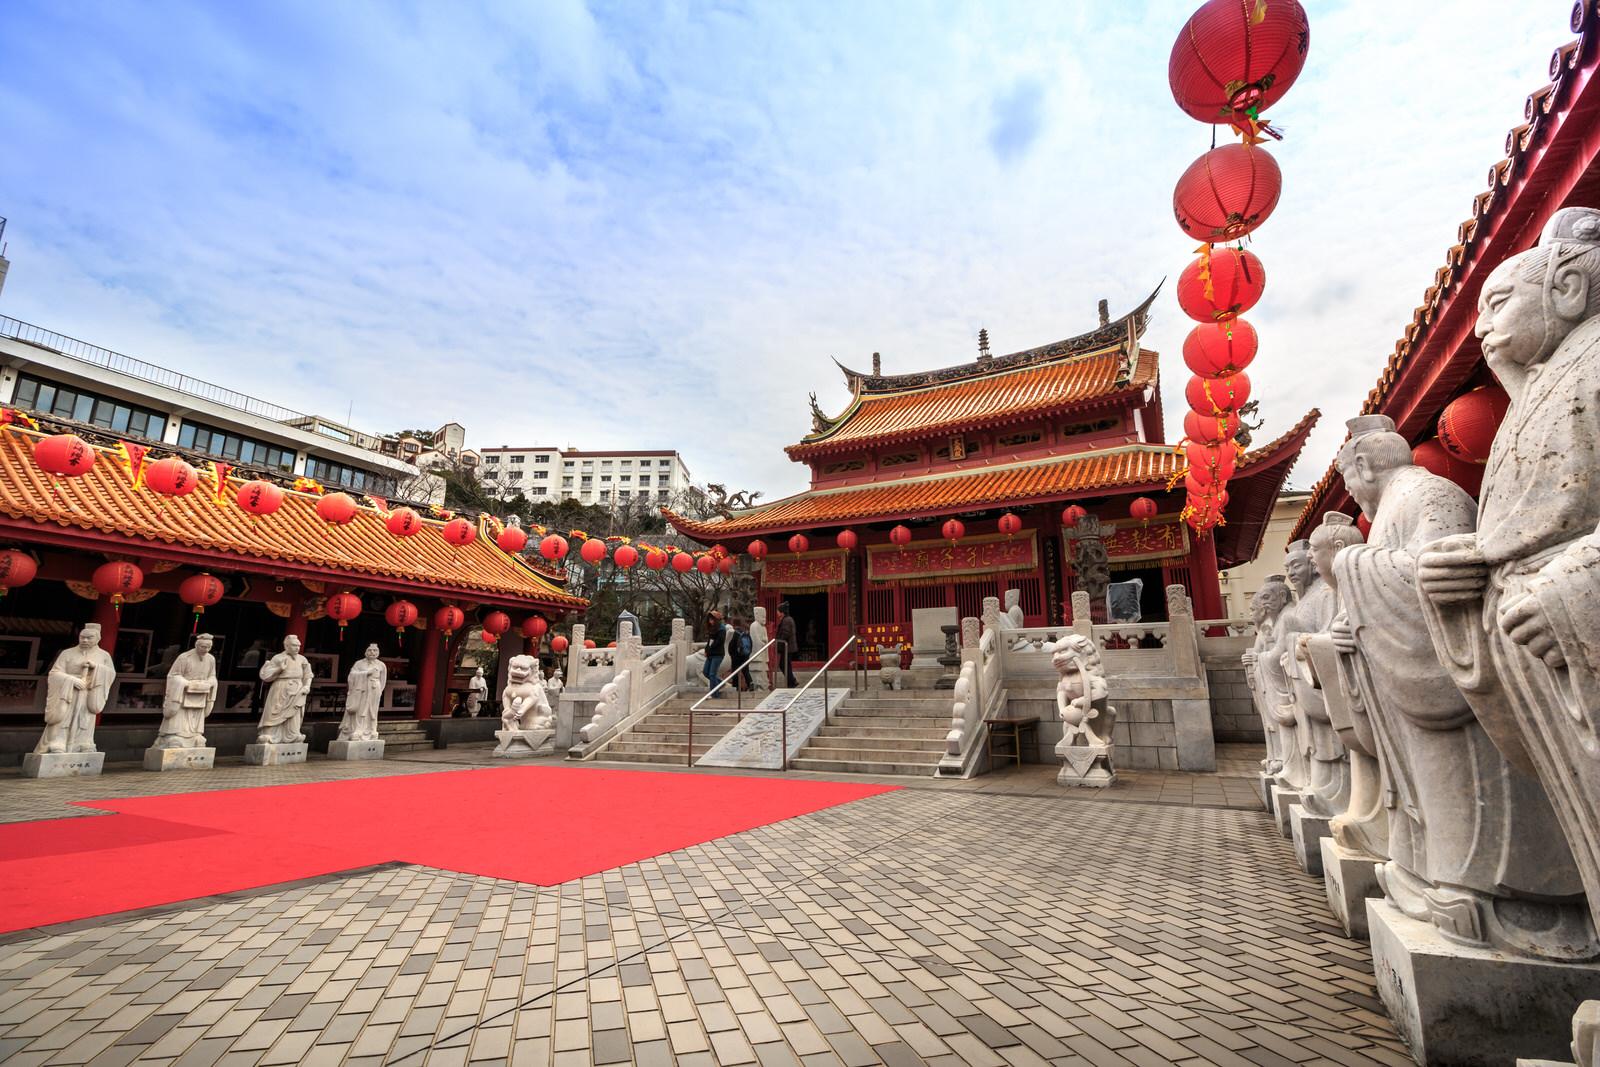 長崎ランタンフェスティバル2019年の皇帝パレードの皇帝と皇后とルート